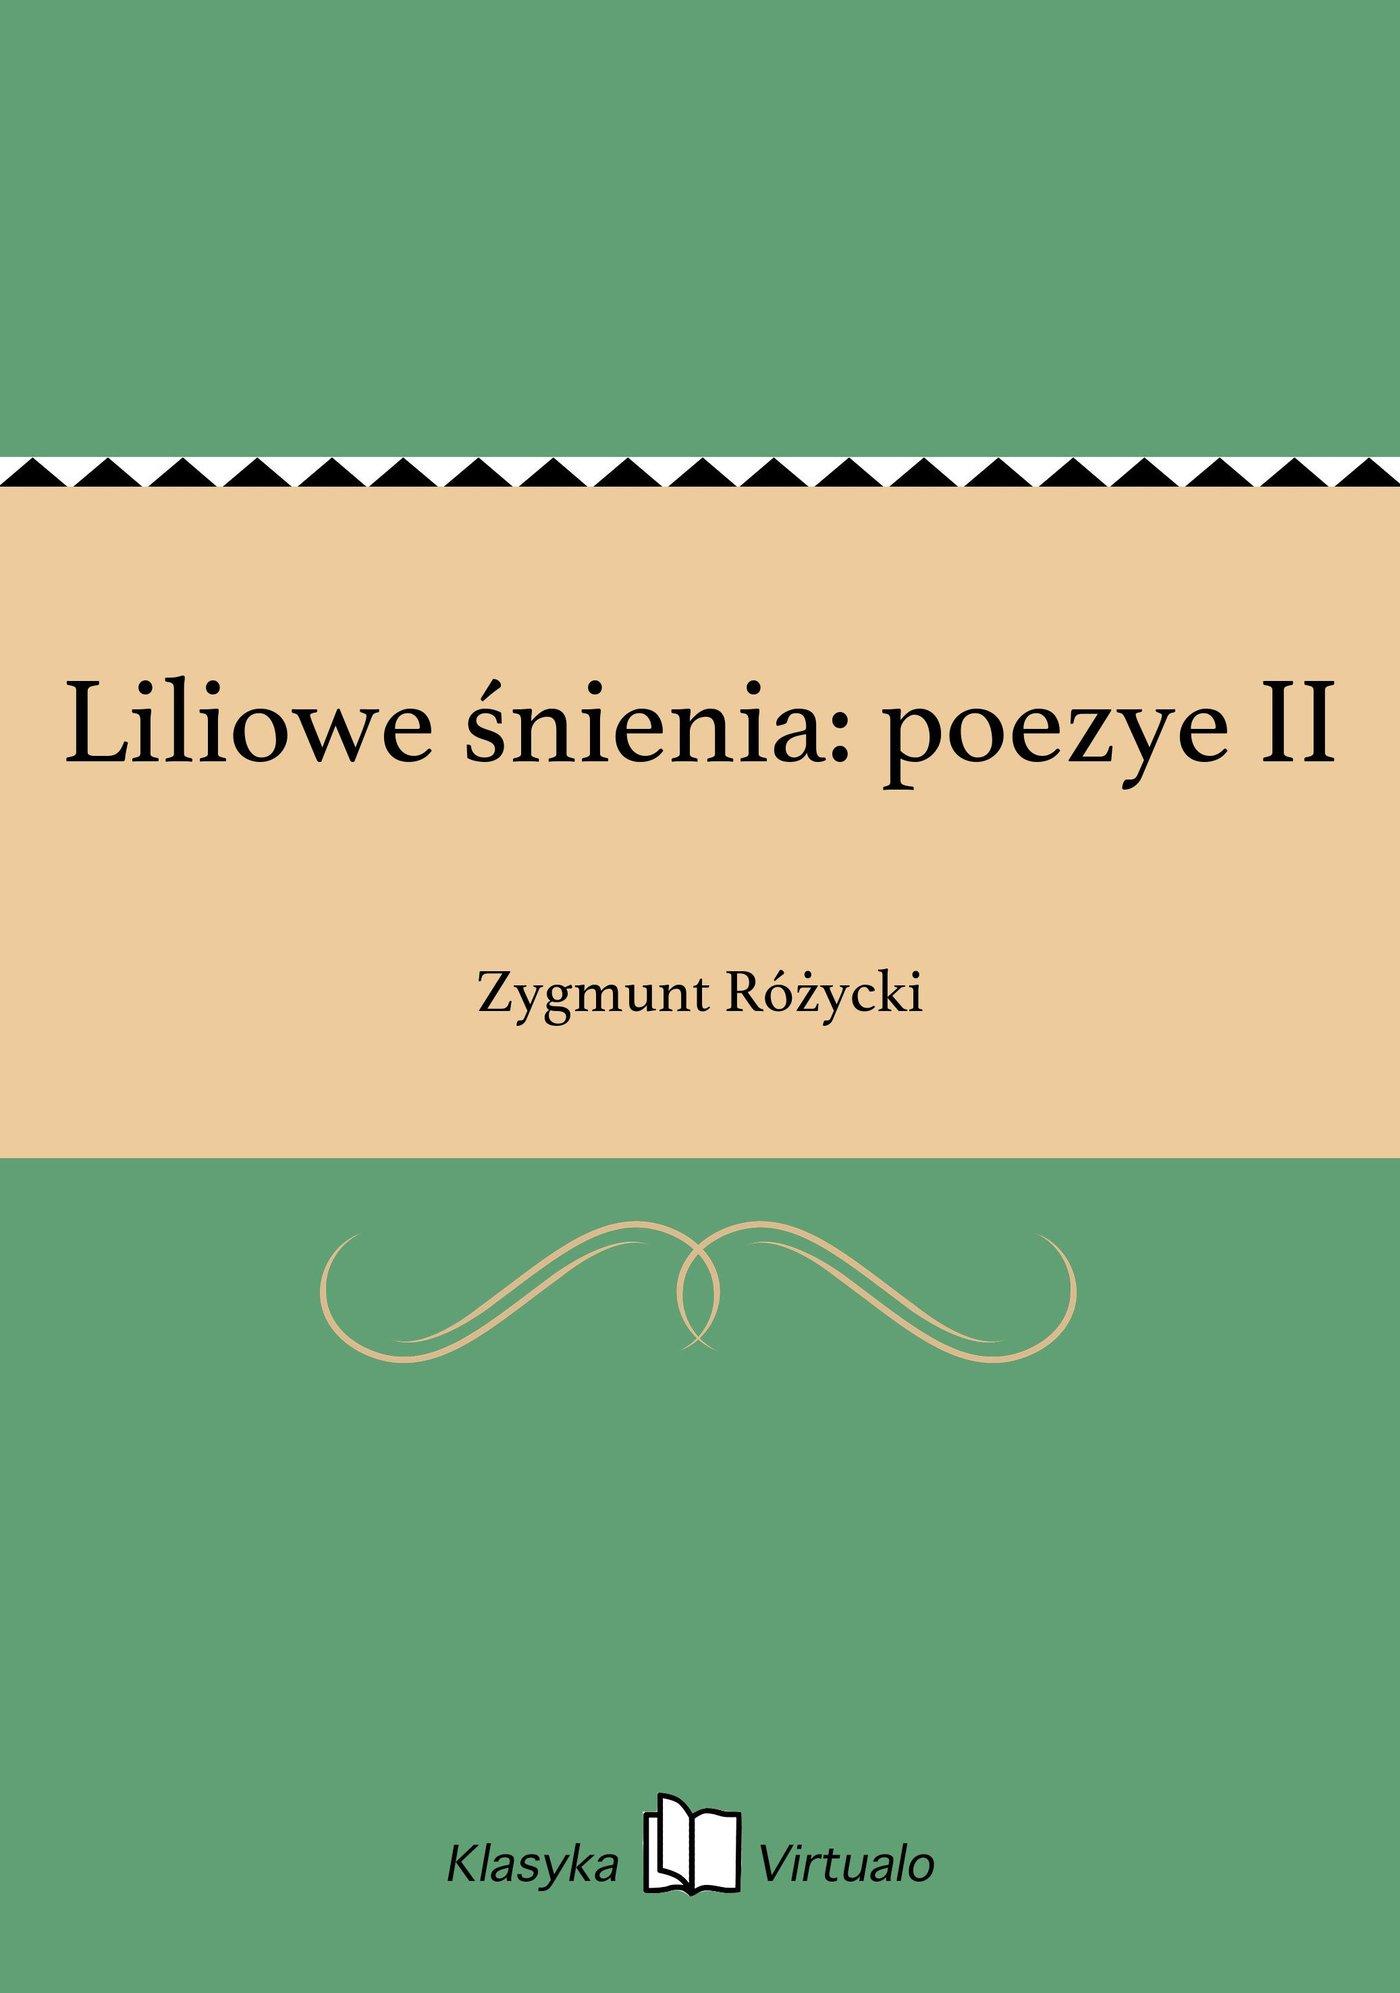 Liliowe śnienia: poezye II - Ebook (Książka EPUB) do pobrania w formacie EPUB